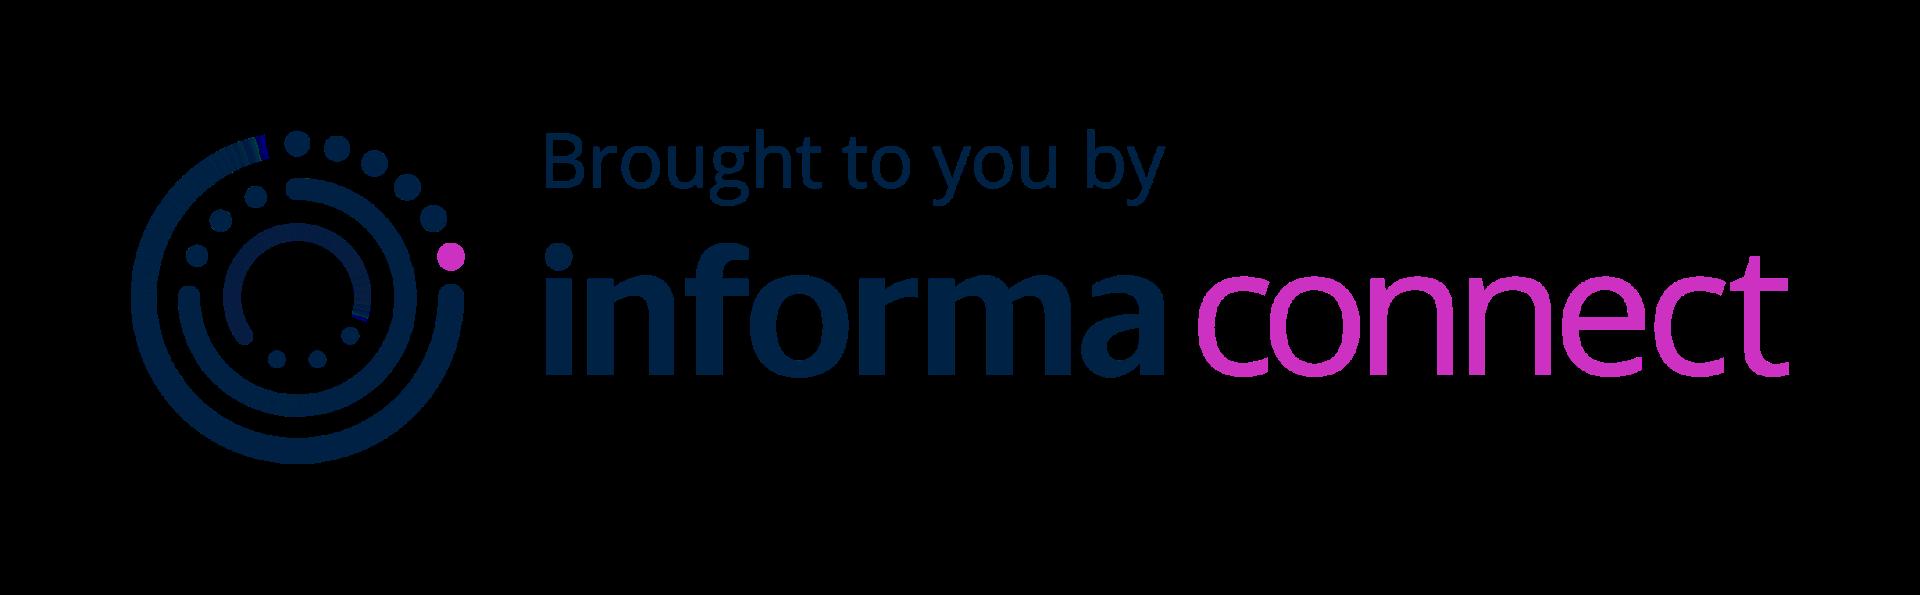 Informa connect logo